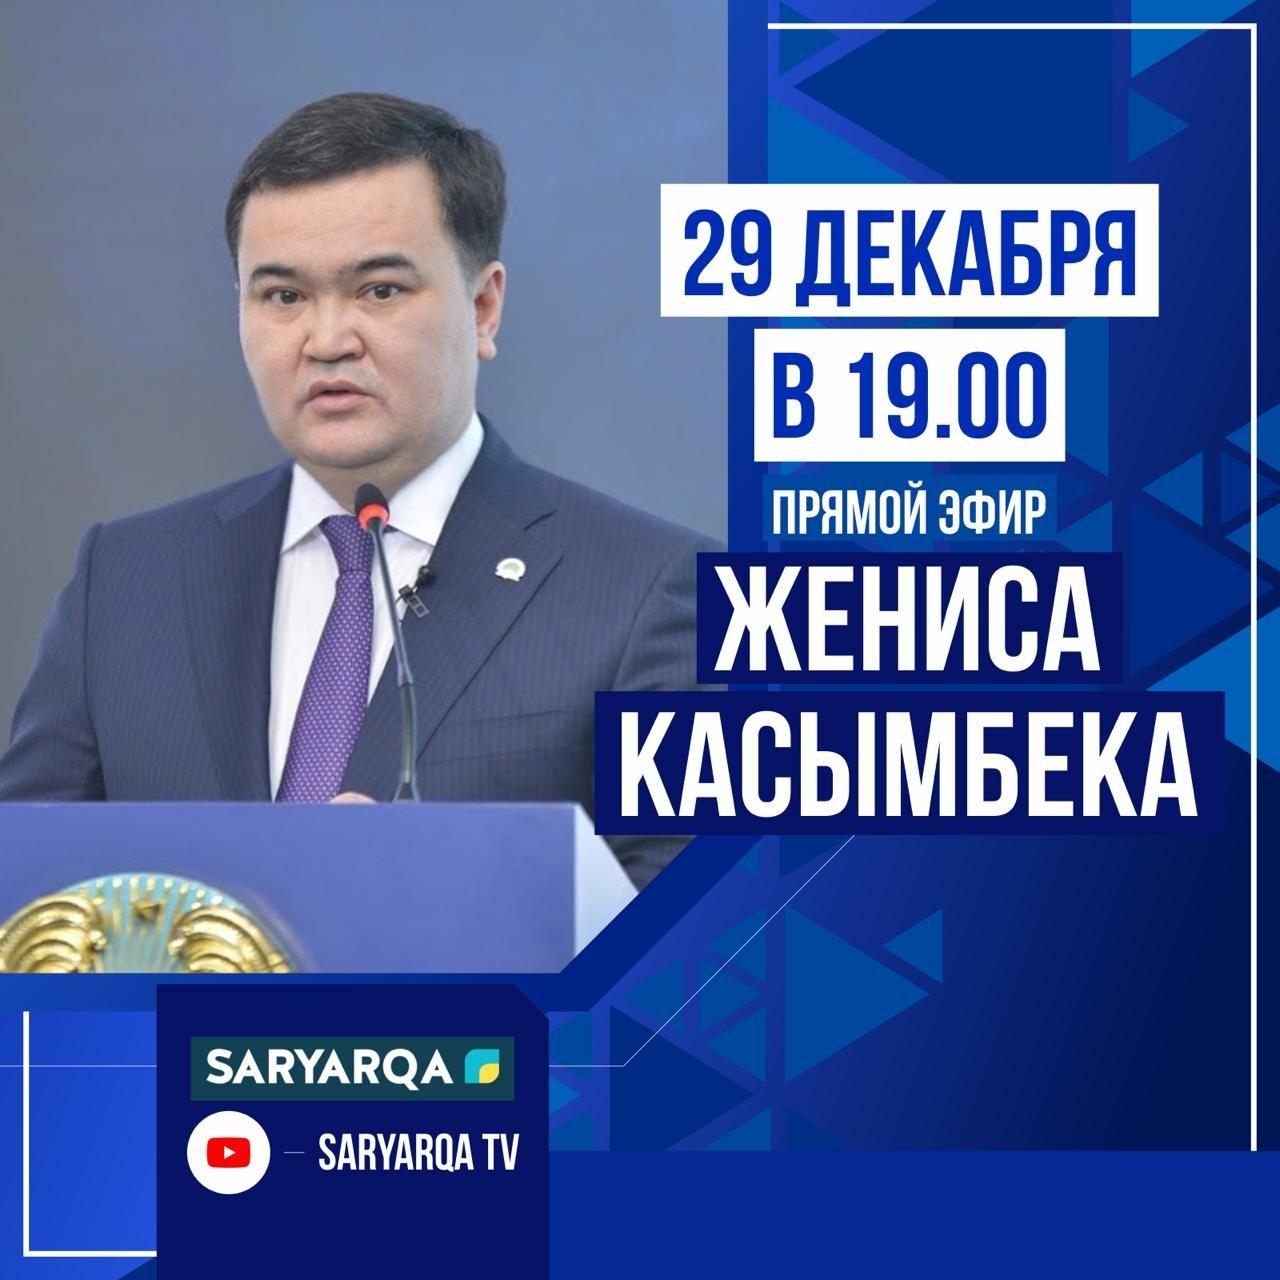 последний раз в этом году аким выйдет в прямой эфир, фото пресс-службы акимата Карагандинской области